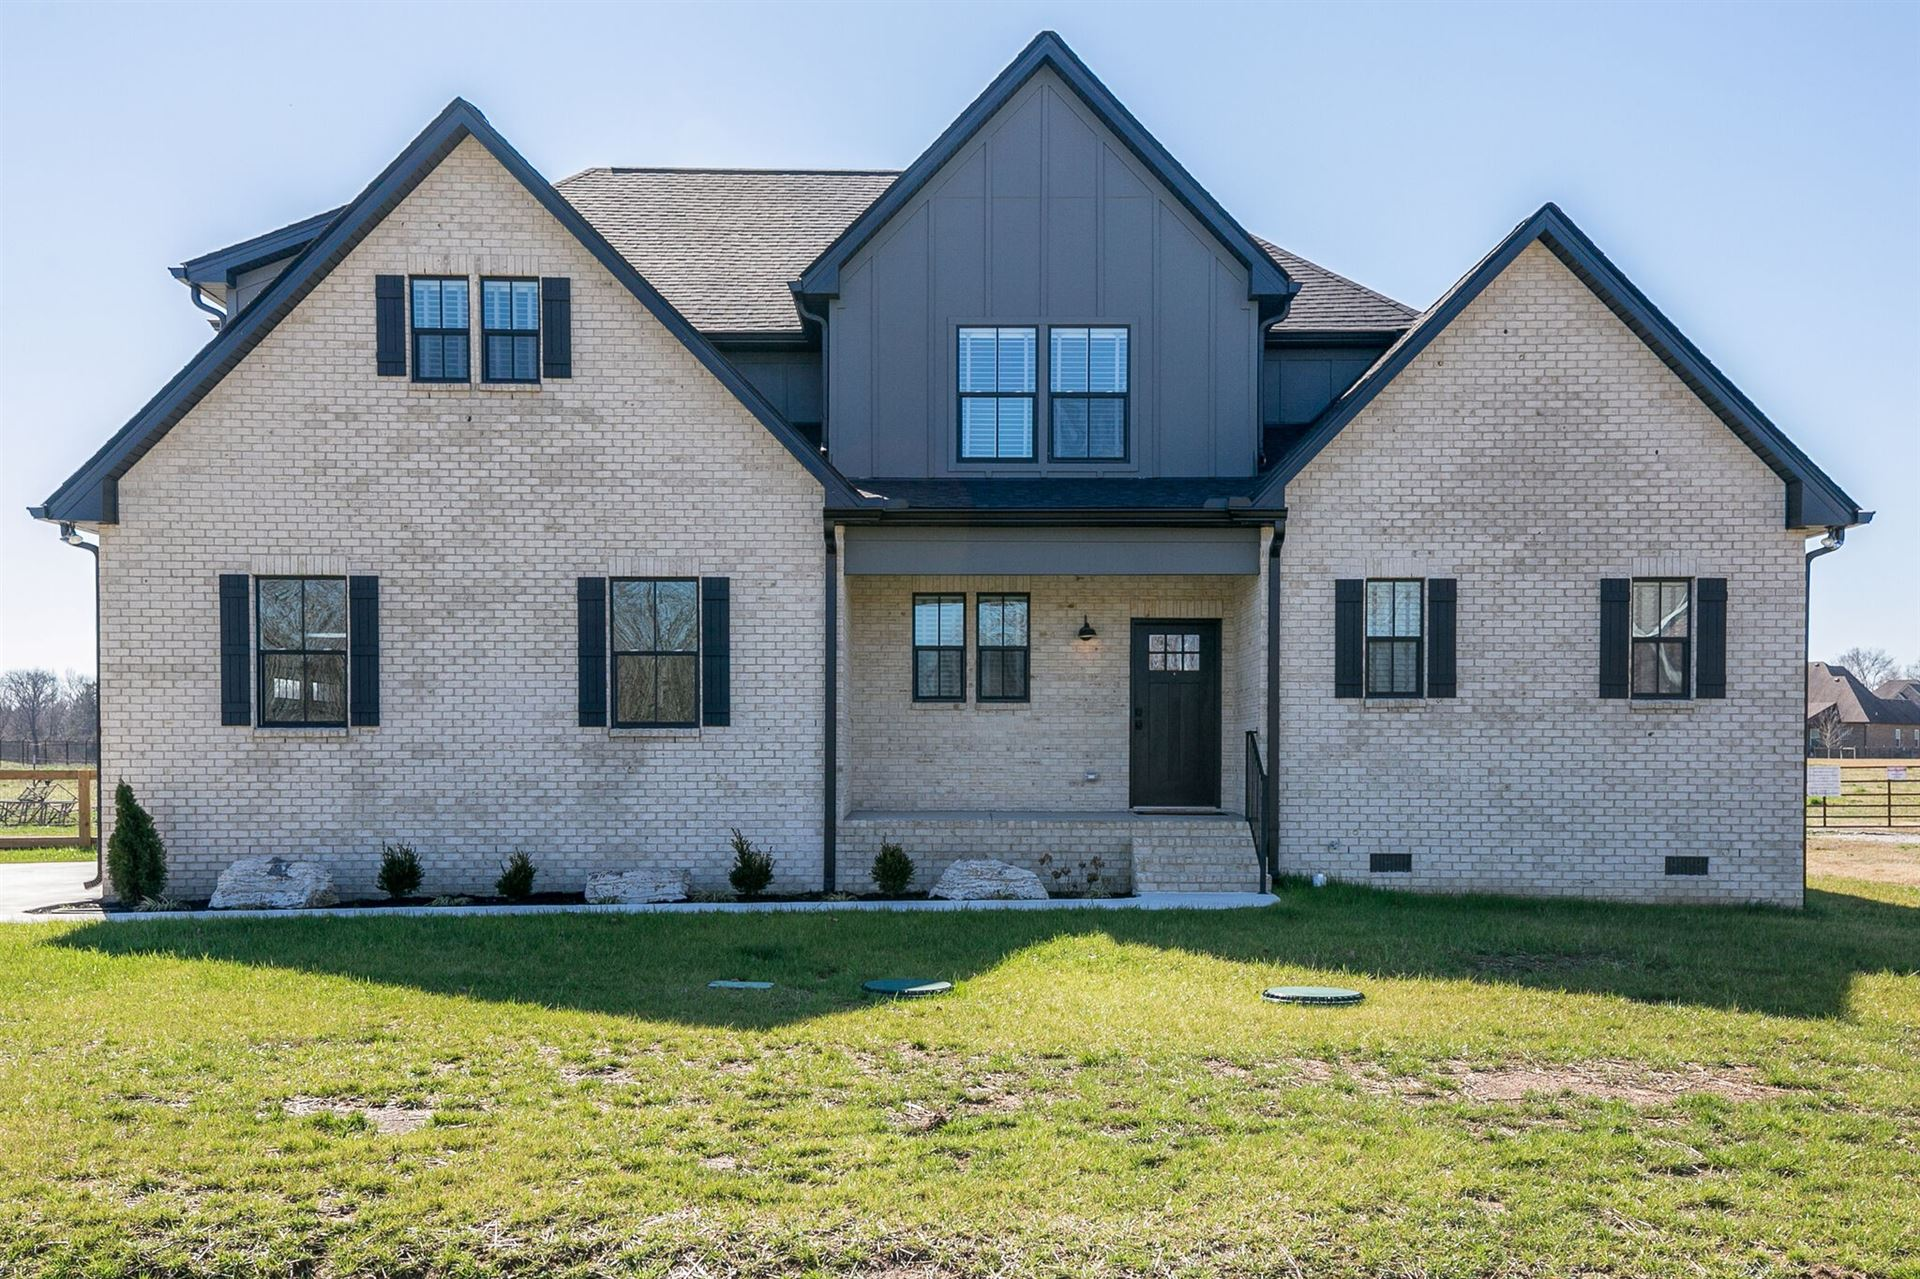 108 Hawksbeard Ct, Murfreesboro, TN 37128 - MLS#: 2233559